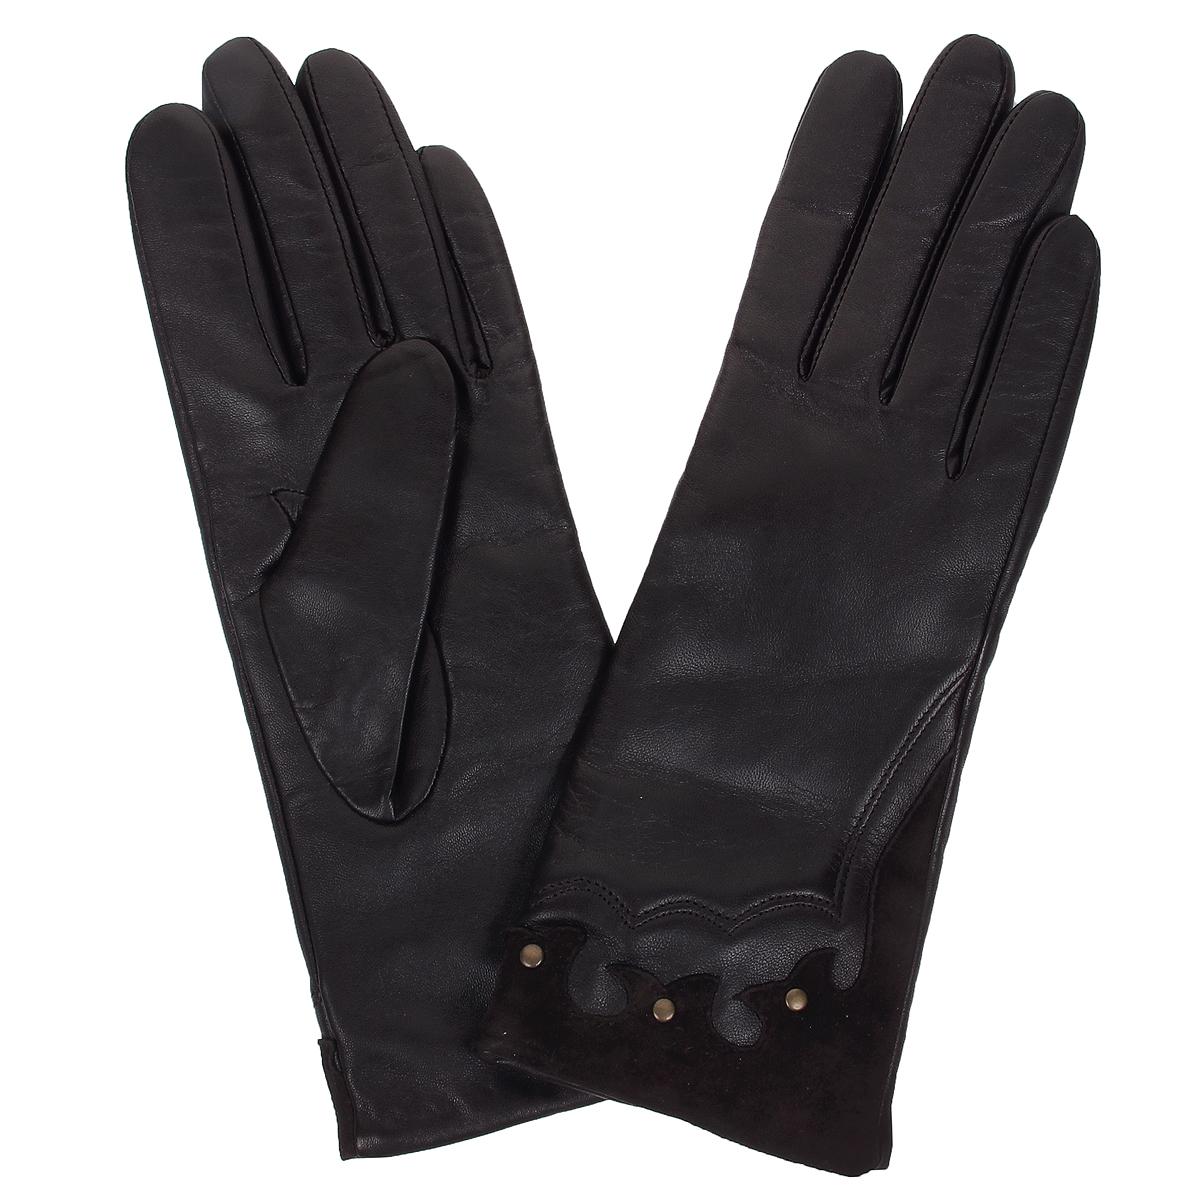 Перчатки женские. W7107W7107/23Стильные женские перчатки Baggini не только защитят ваши руки от холода, но и станут великолепным украшением. Перчатки выполнены из чрезвычайно мягкой и приятной на ощупь натуральной кожи на шерстяной подкладке. Лицевая сторона перчаток дополнена вставками из замши и украшена металлическими клепками. В настоящее время перчатки являются неотъемлемой принадлежностью одежды, вместе с этим аксессуаром вы обретаете женственность и элегантность. Перчатки станут завершающим и подчеркивающим элементом вашего стиля и неповторимости.